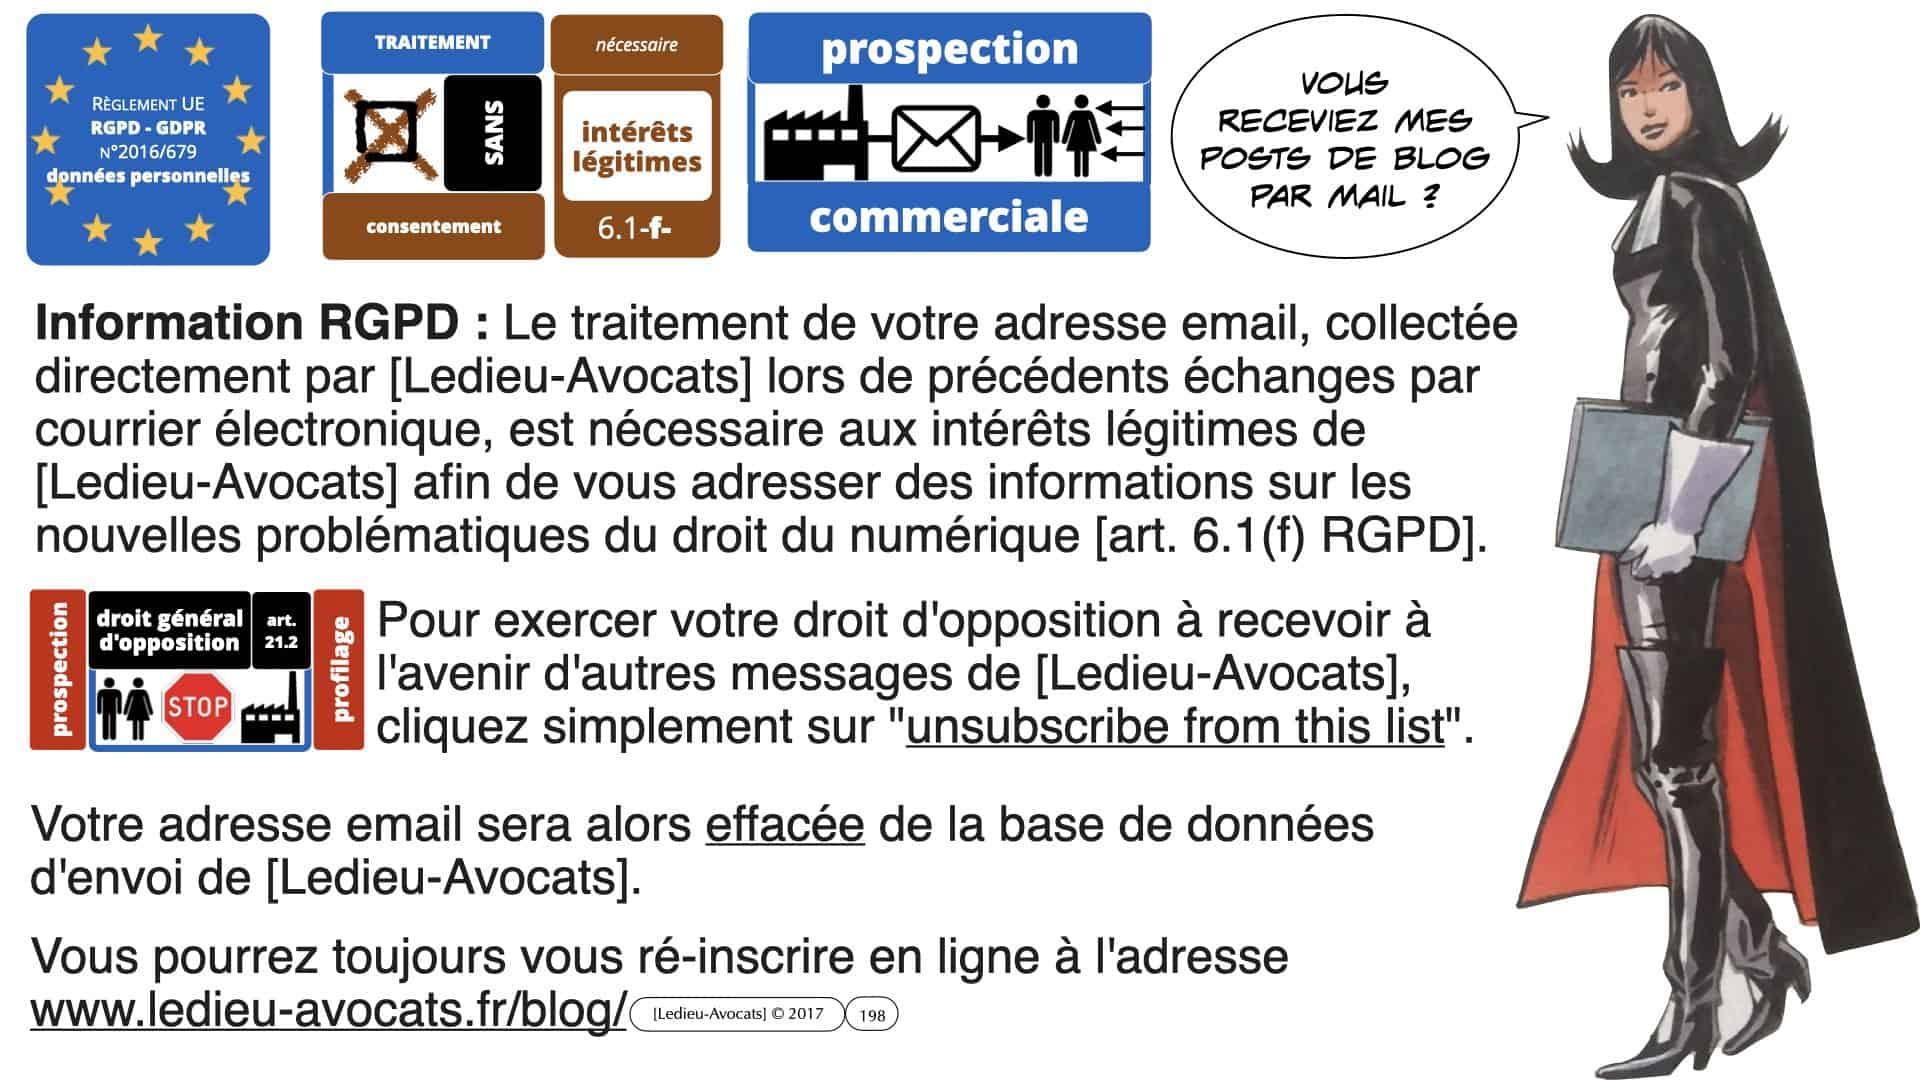 RGPD e-Privacy données personnelles jurisprudence formation Lamy Les Echos 10-02-2021 ©Ledieu-Avocats.198